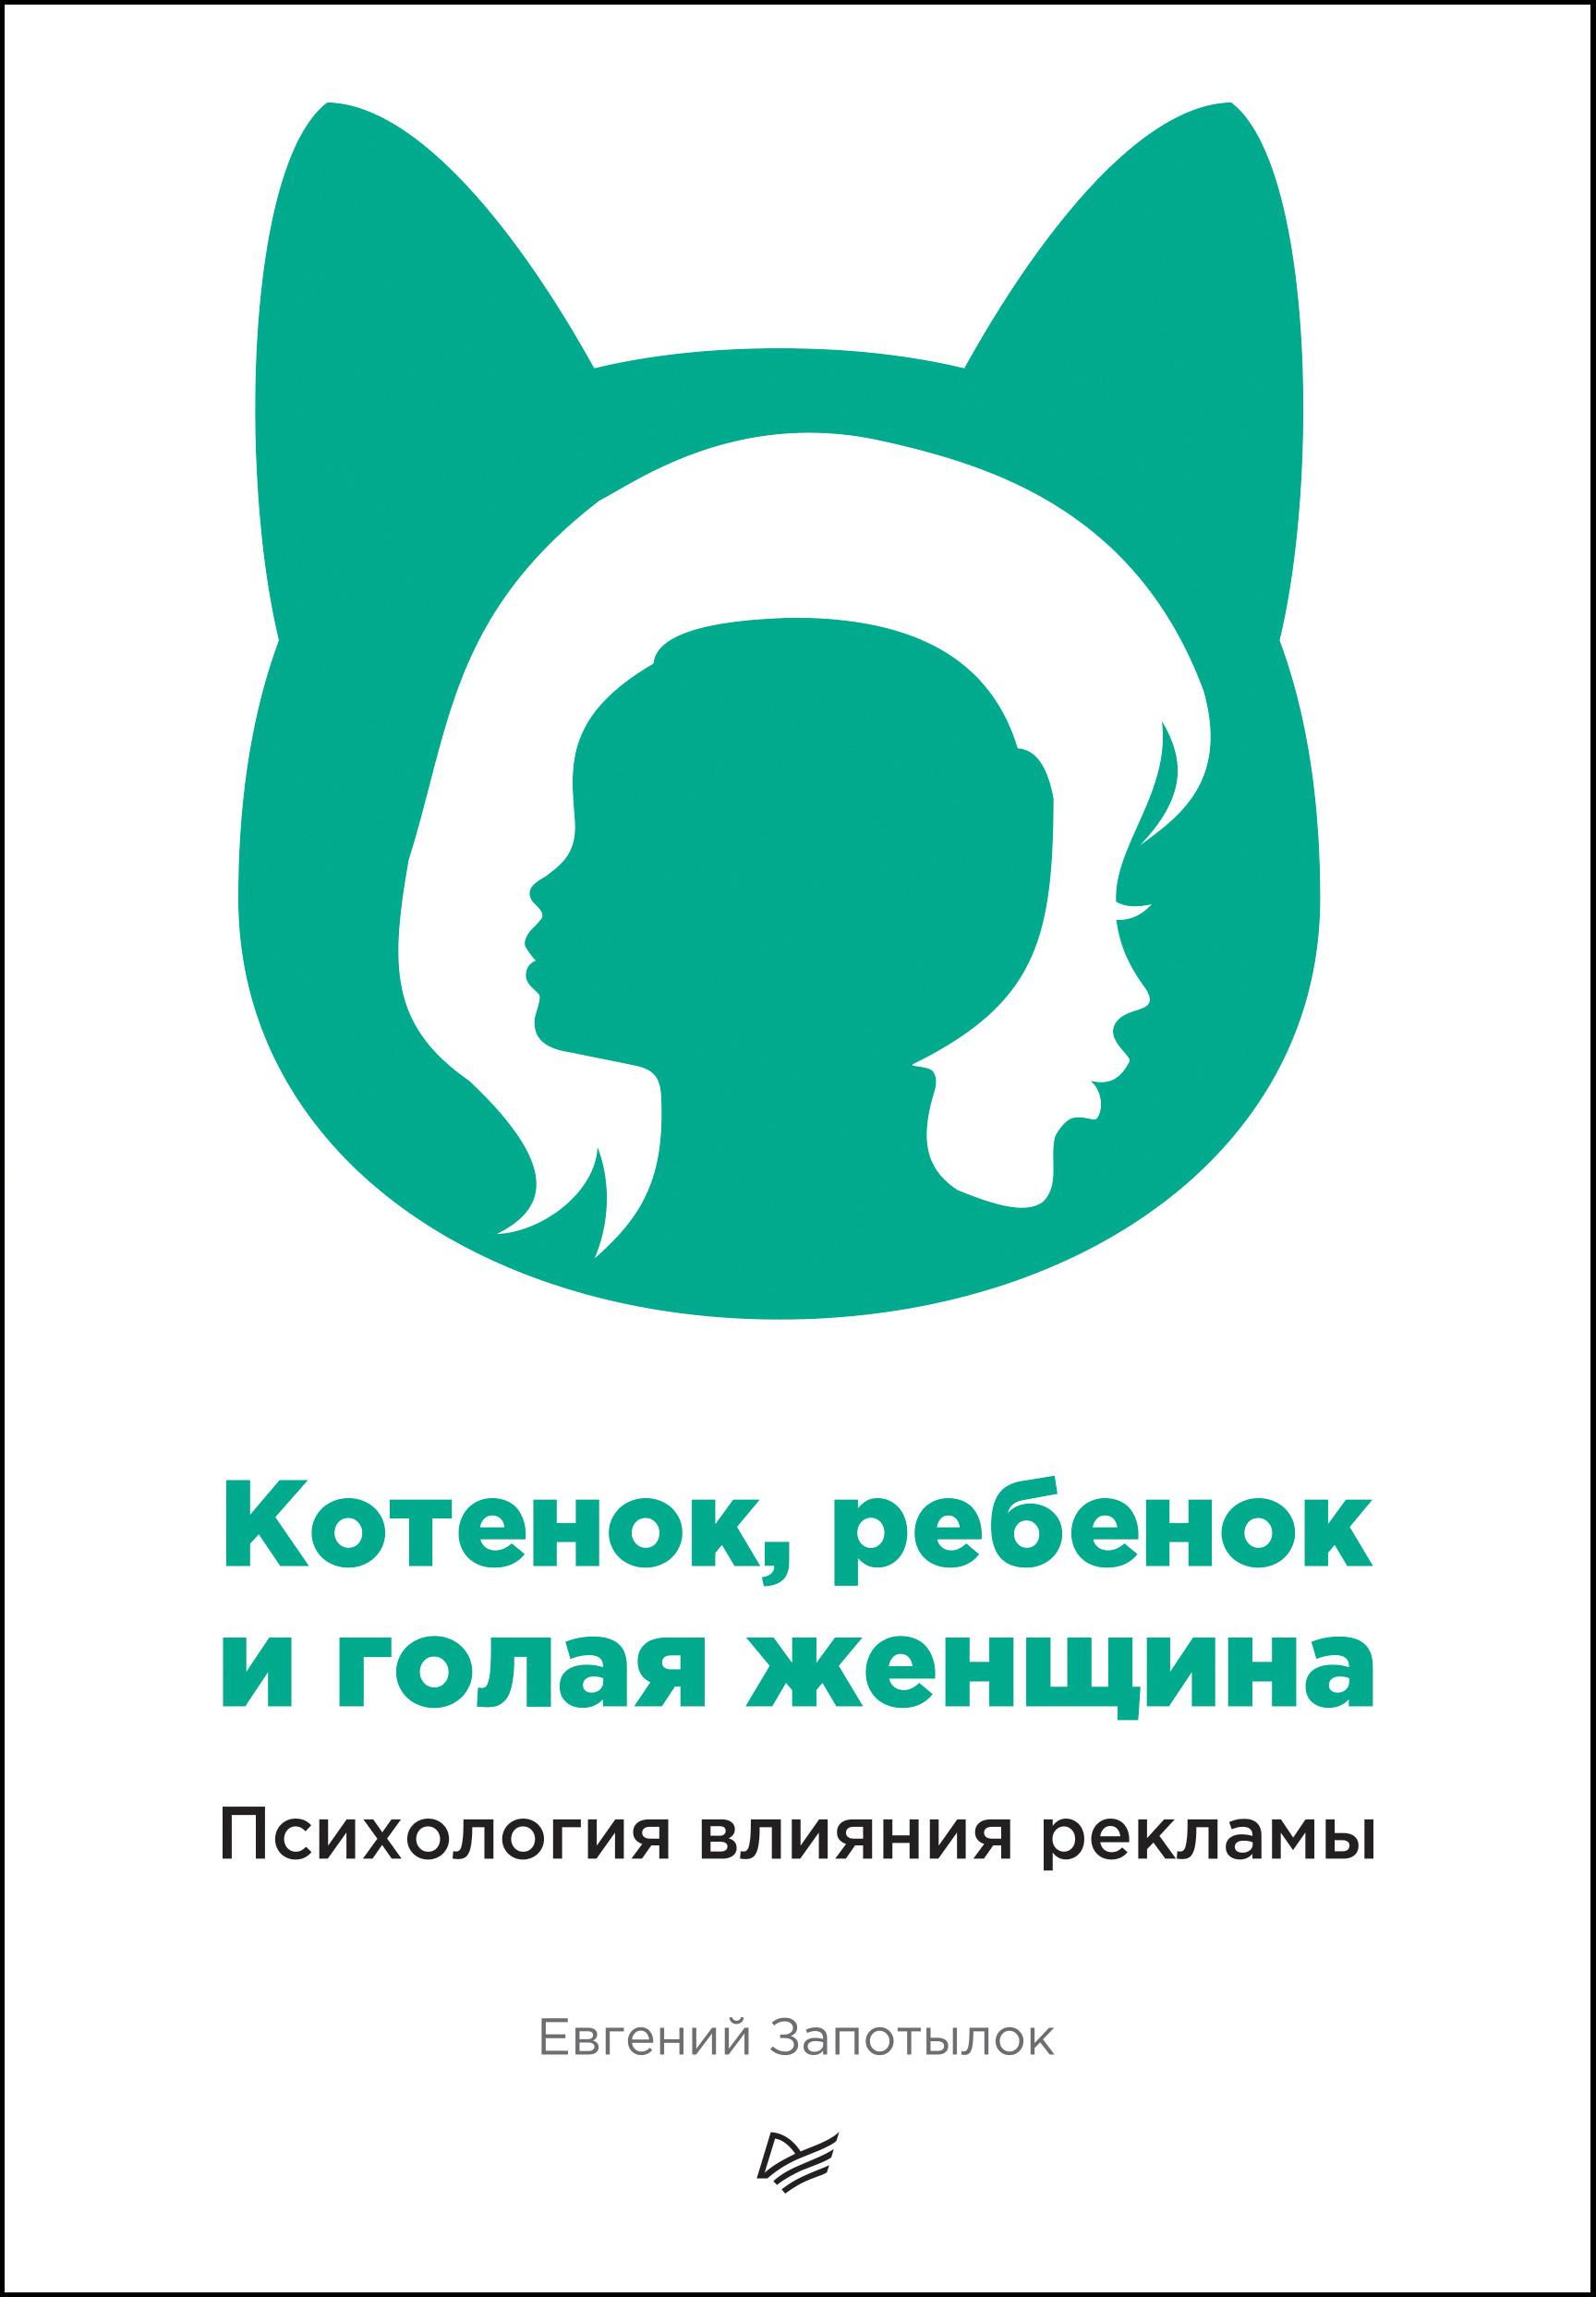 Обложка книги Котенок, ребенок и голая женщина. Психология влияния рекламы